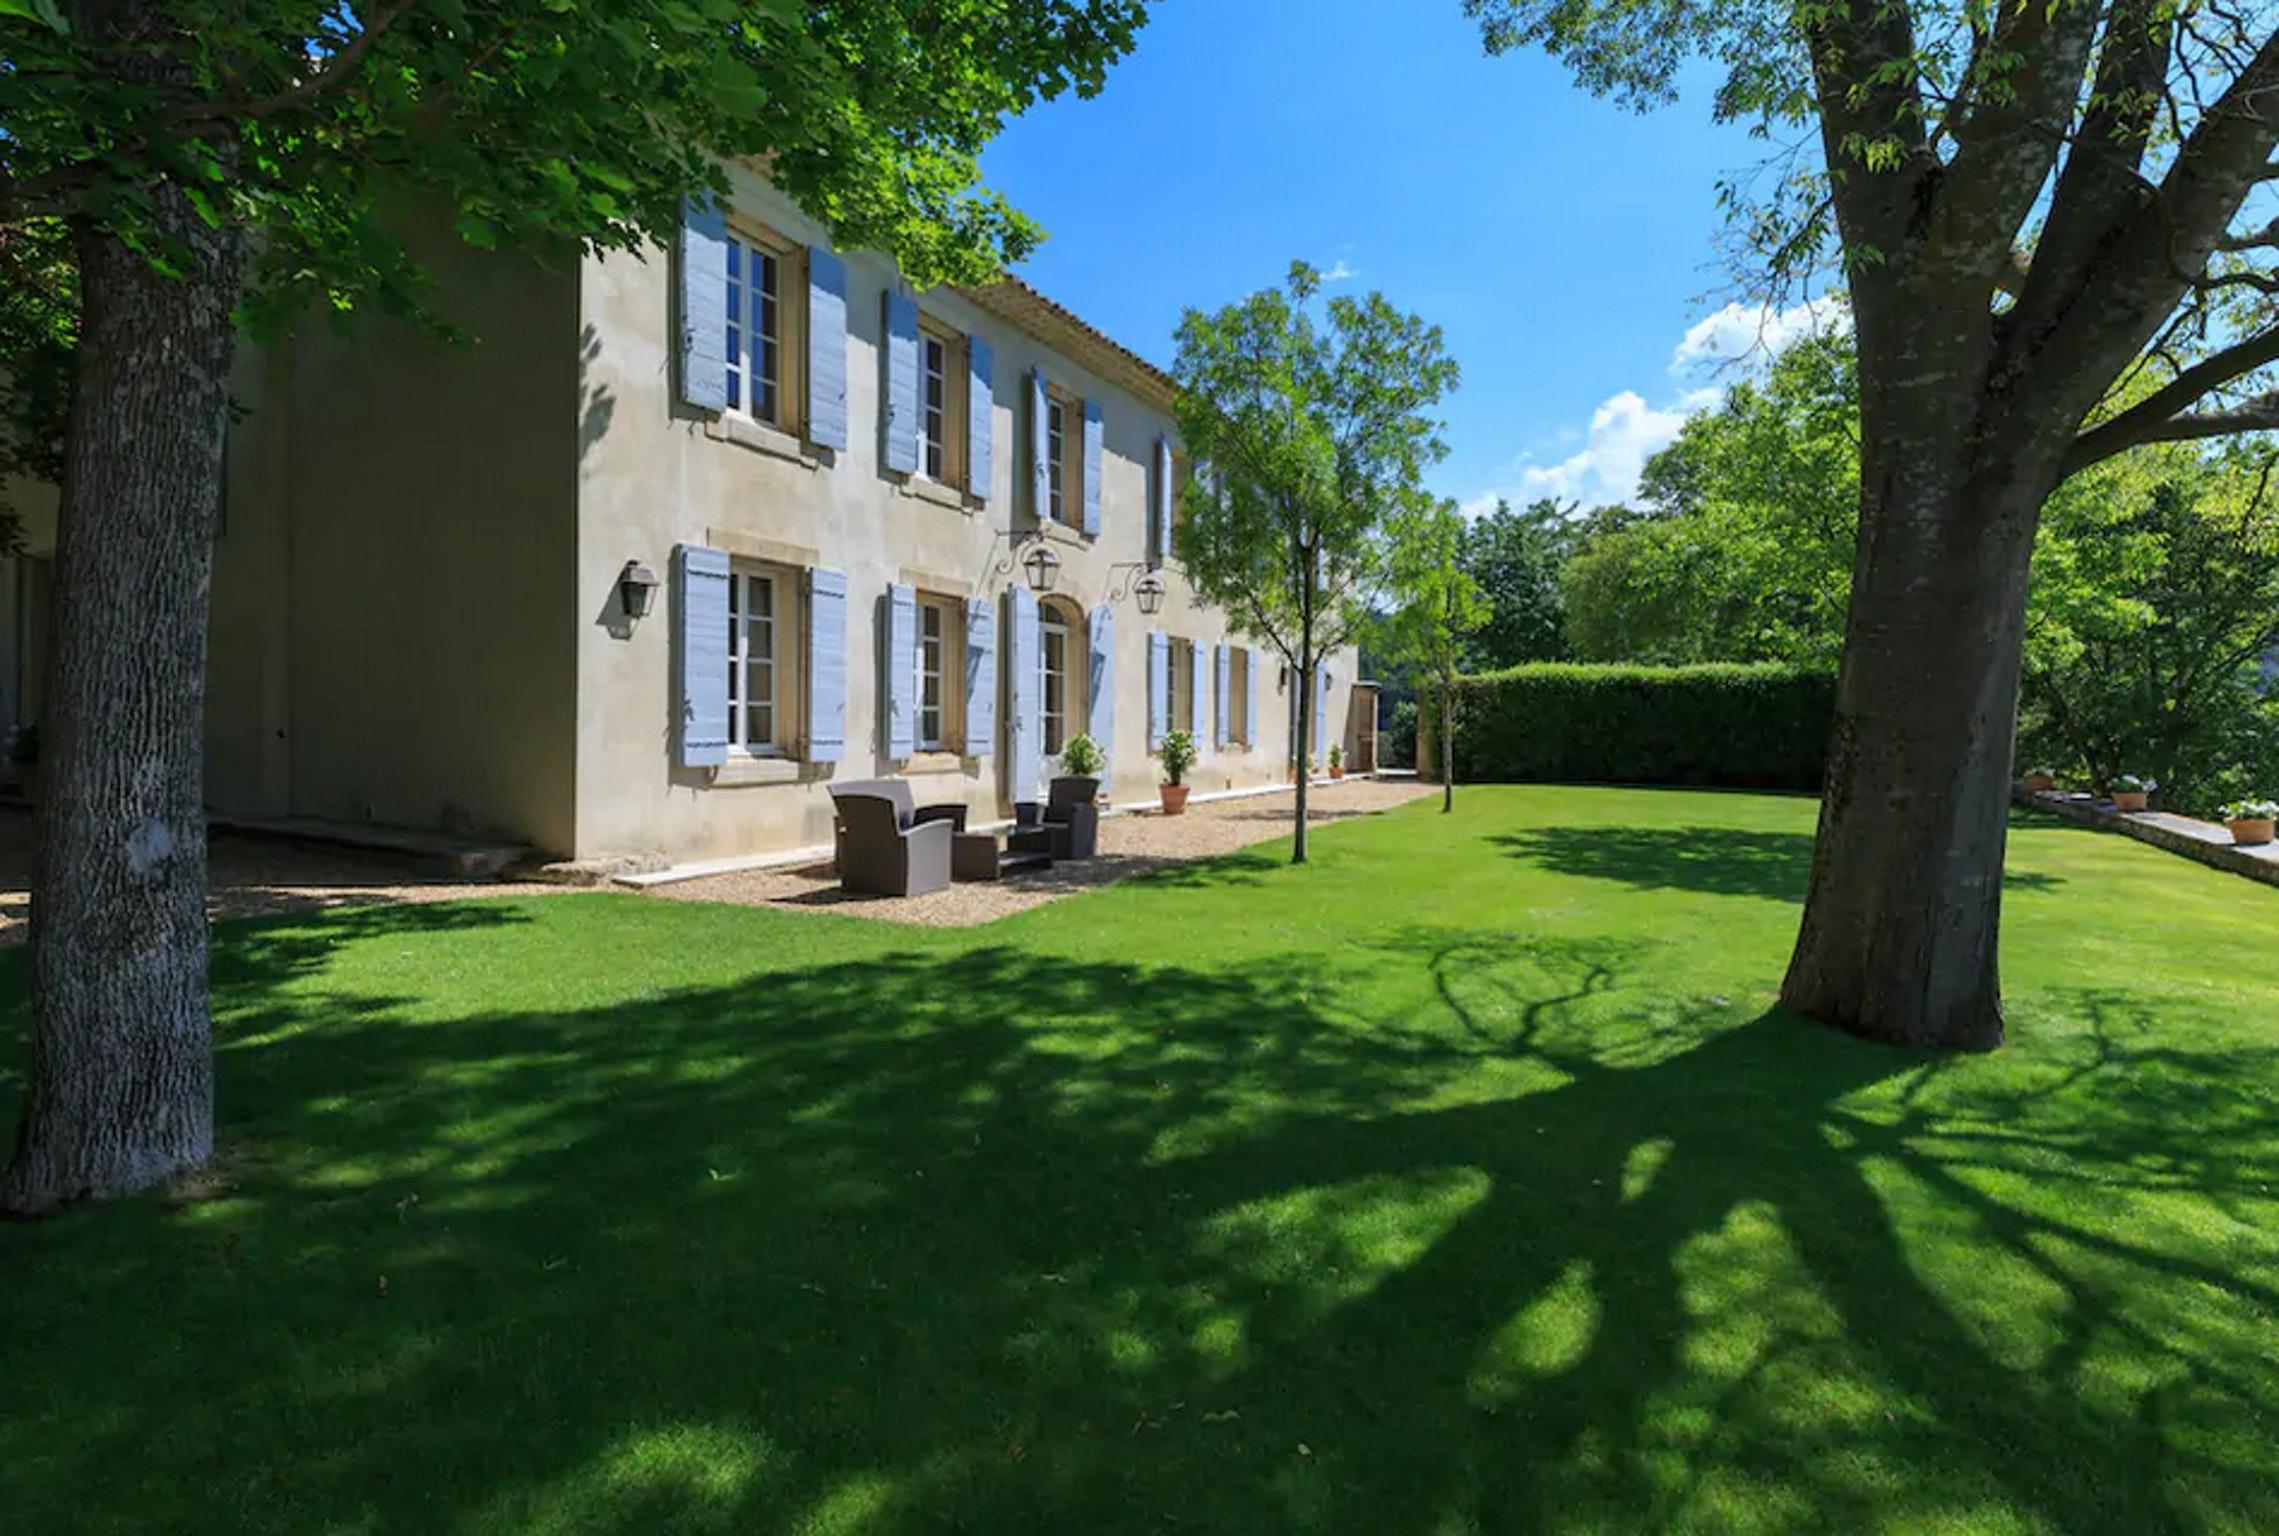 Maison de vacances Villa mit 6 Schlafzimmern in L'Isle-sur-la-Sorgue mit privatem Pool, möbliertem Garten und (2647203), L'Isle sur la Sorgue, Vaucluse, Provence - Alpes - Côte d'Azur, France, image 52